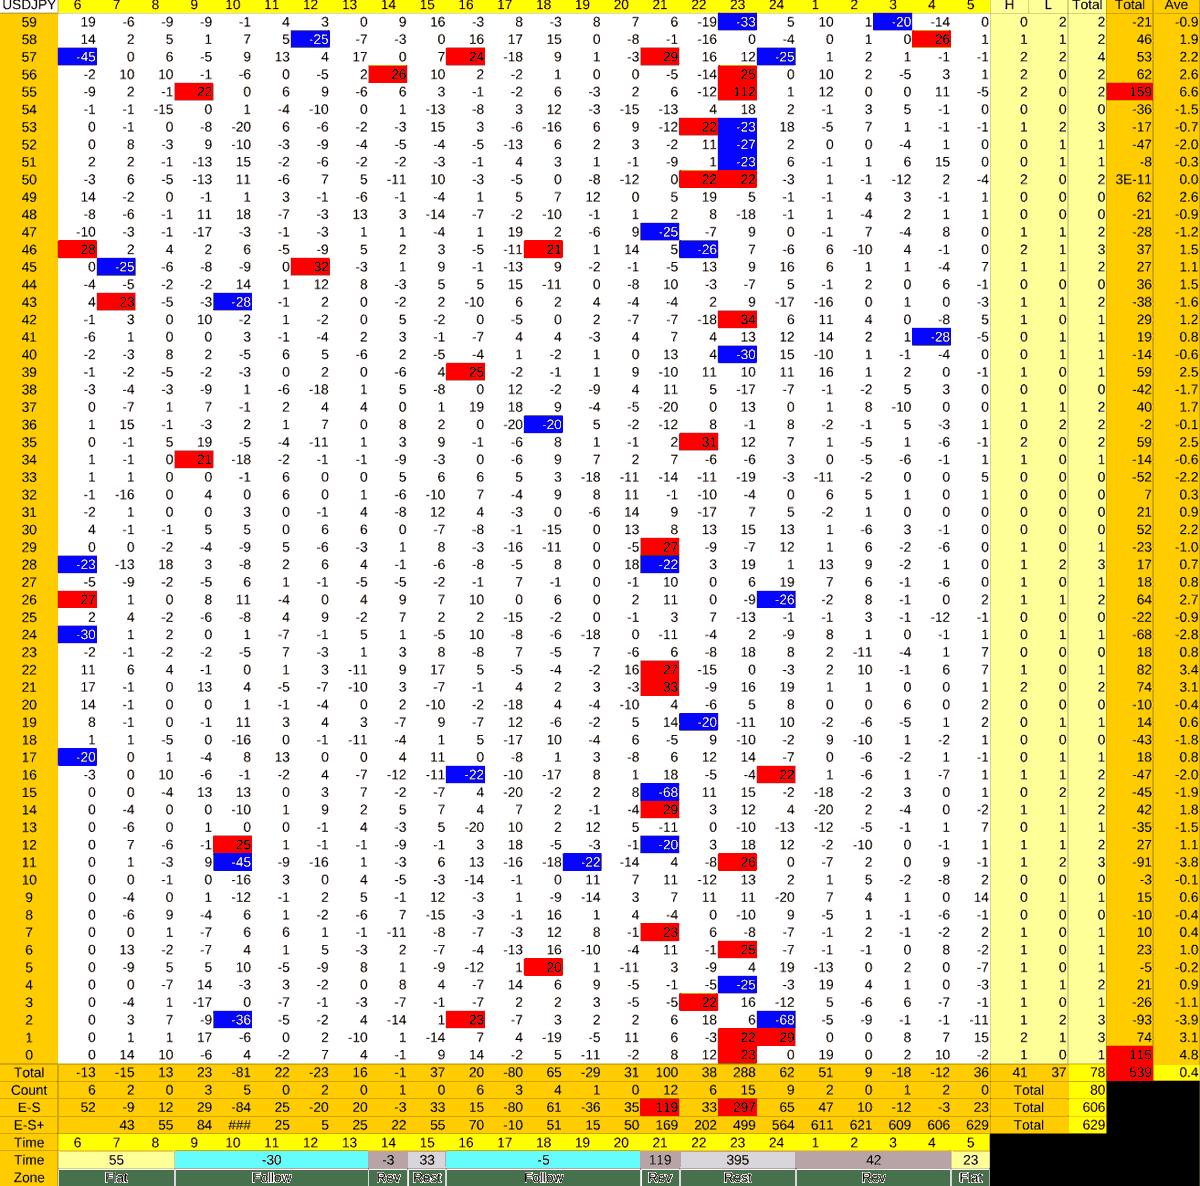 20210630_HS(1)USDJPY